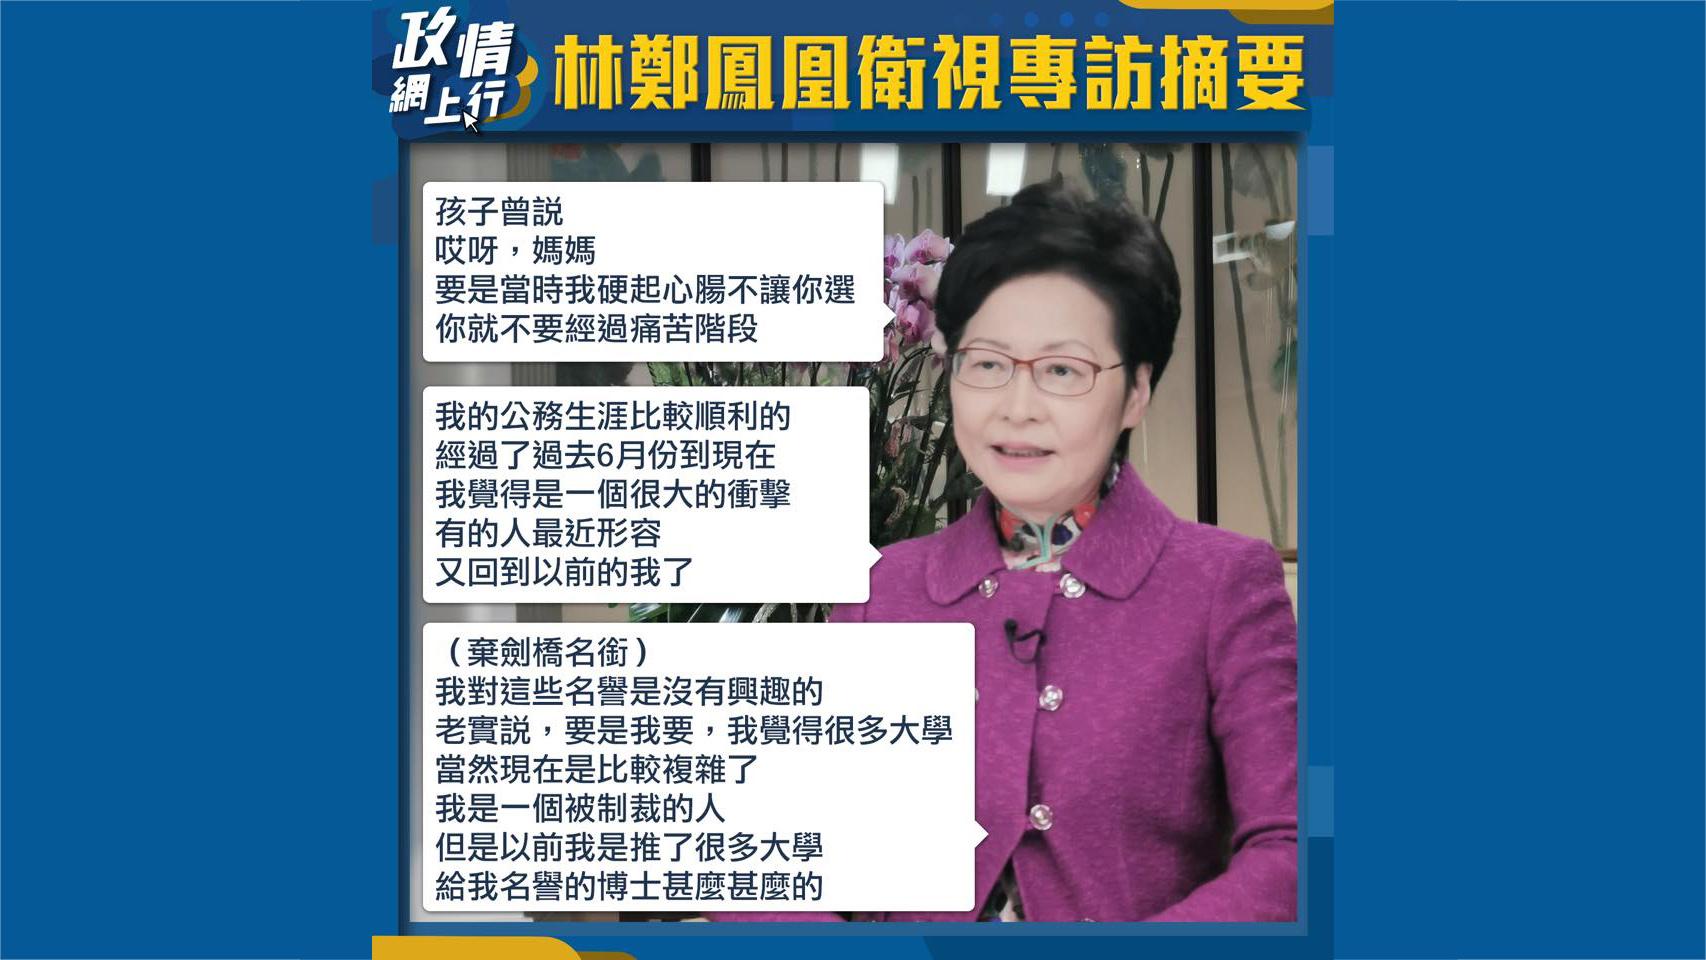 【政情網上行】林鄭鳳凰衛視專訪摘要